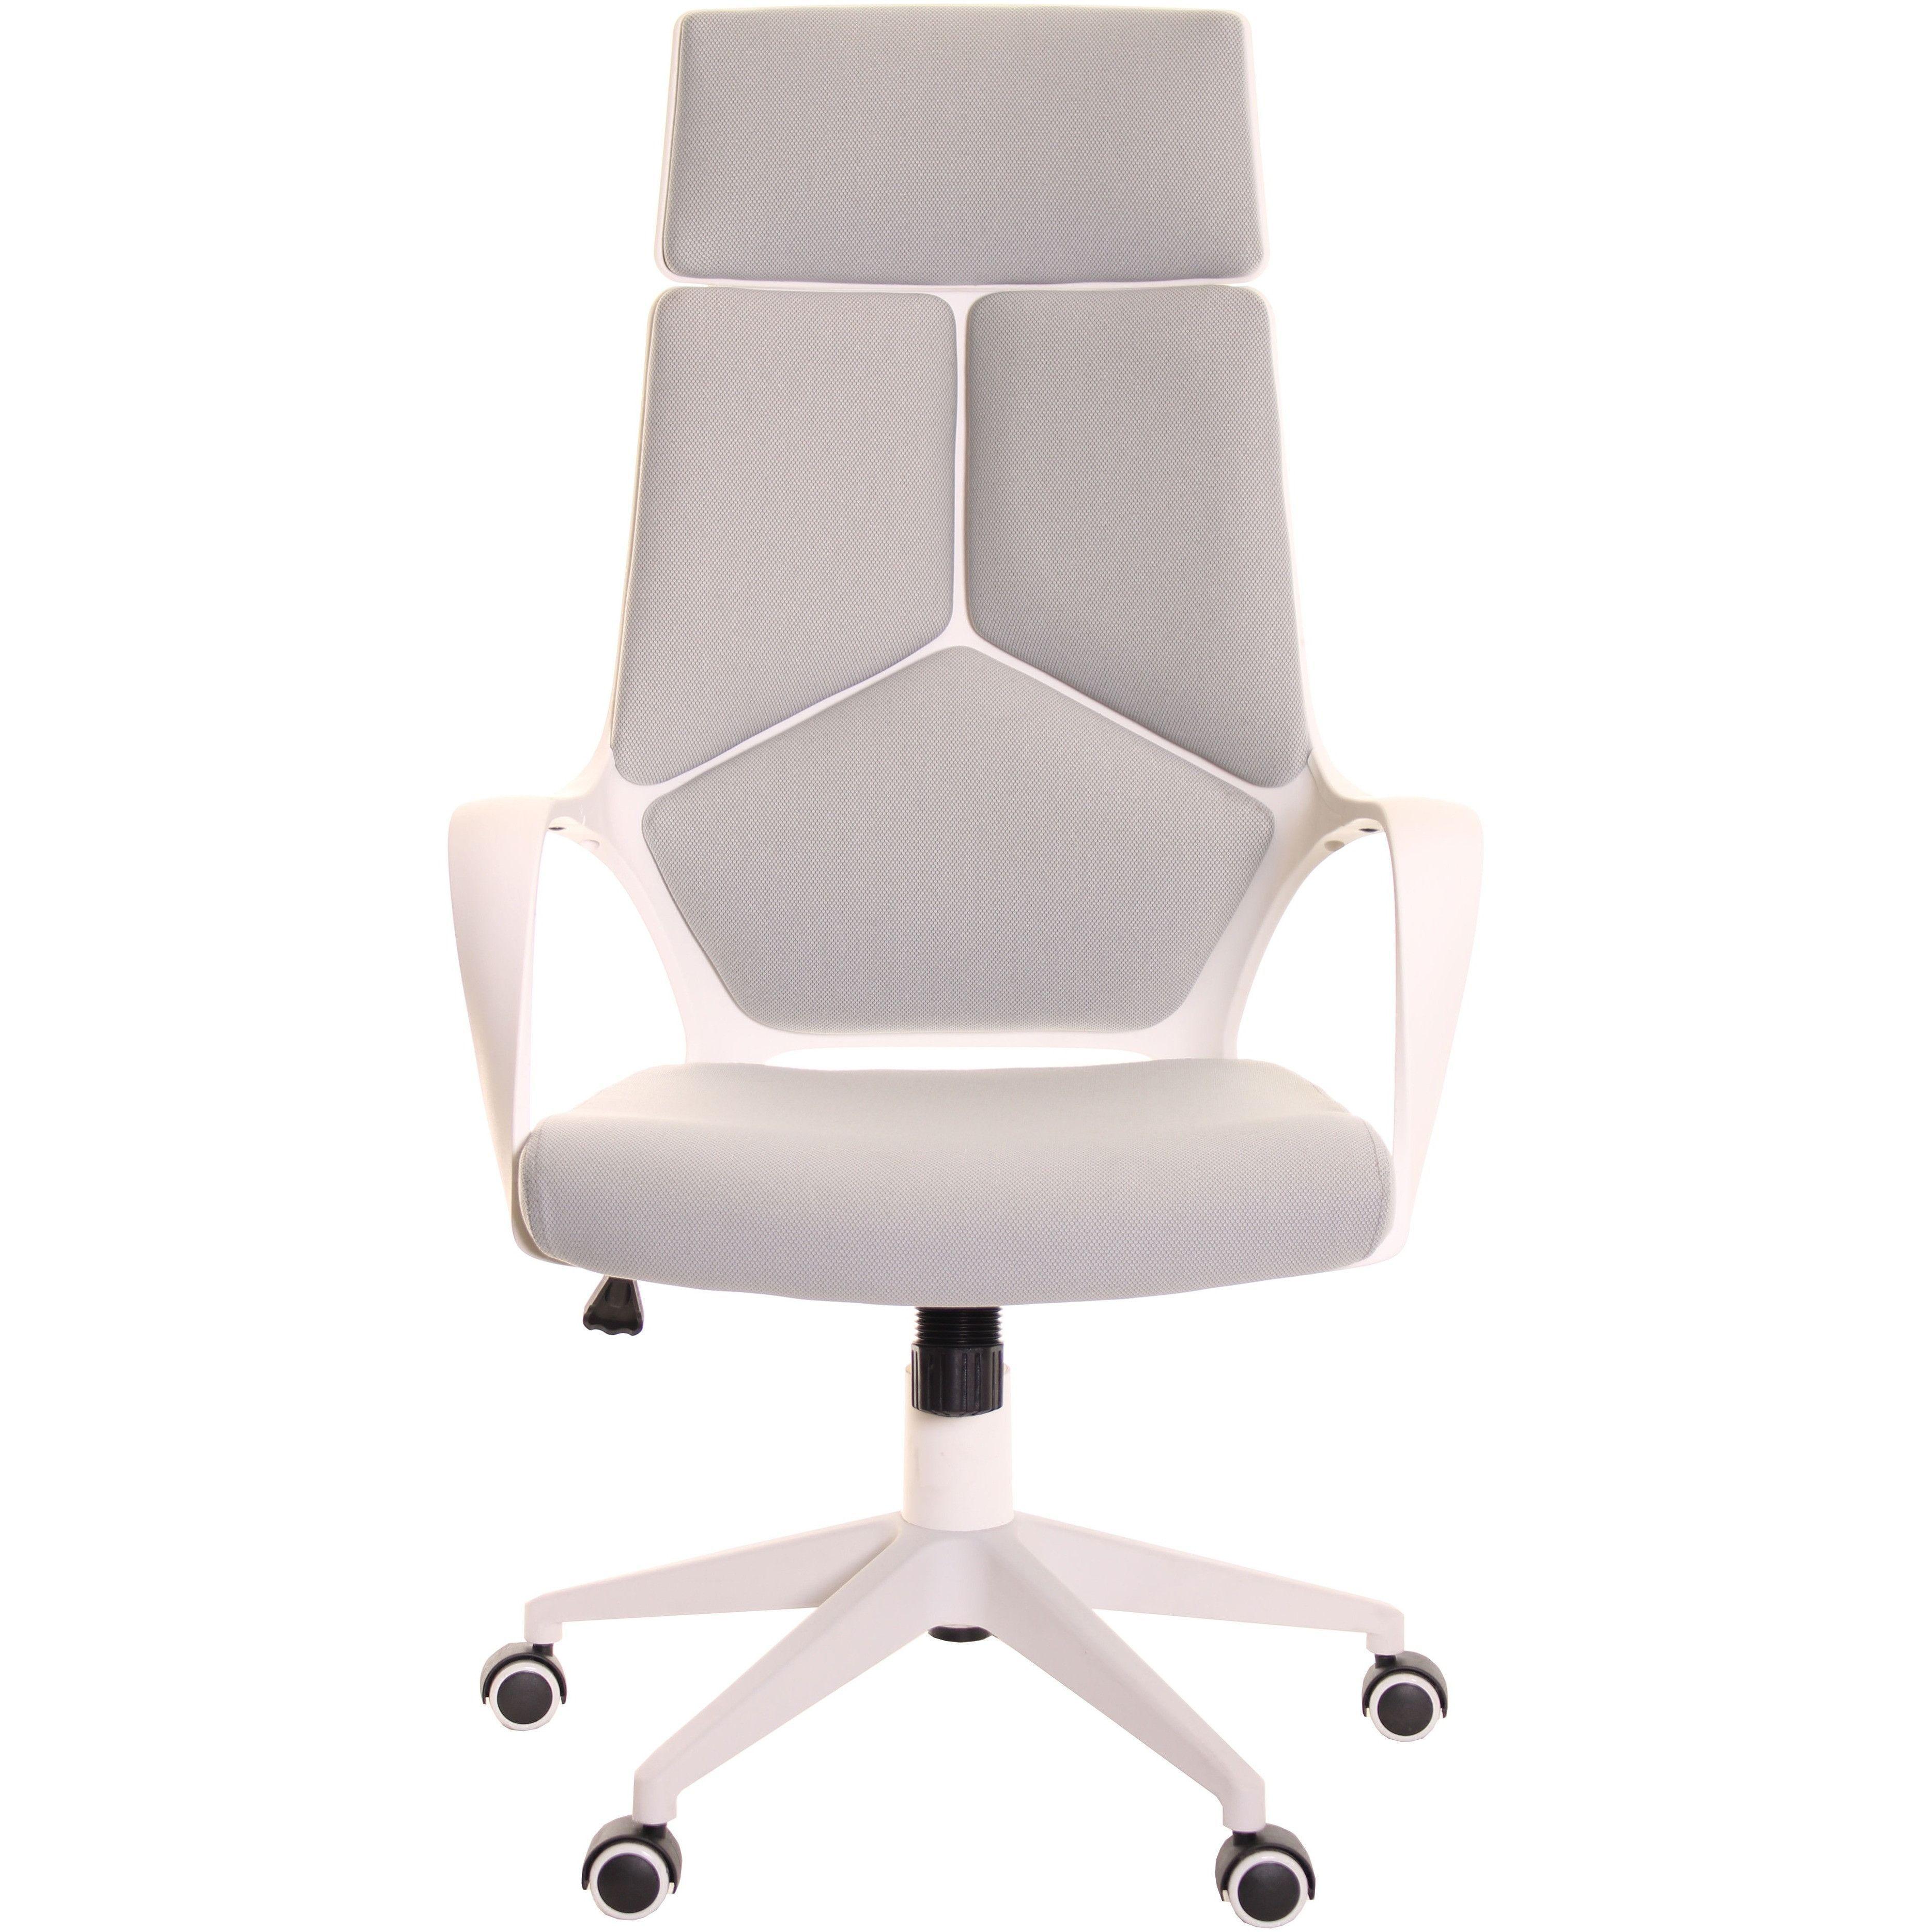 white ergonomic office chairs. Modern Ergonomic Office Chair Grey White By TimeOffice #ergonomicofficechairfurniture Chairs M